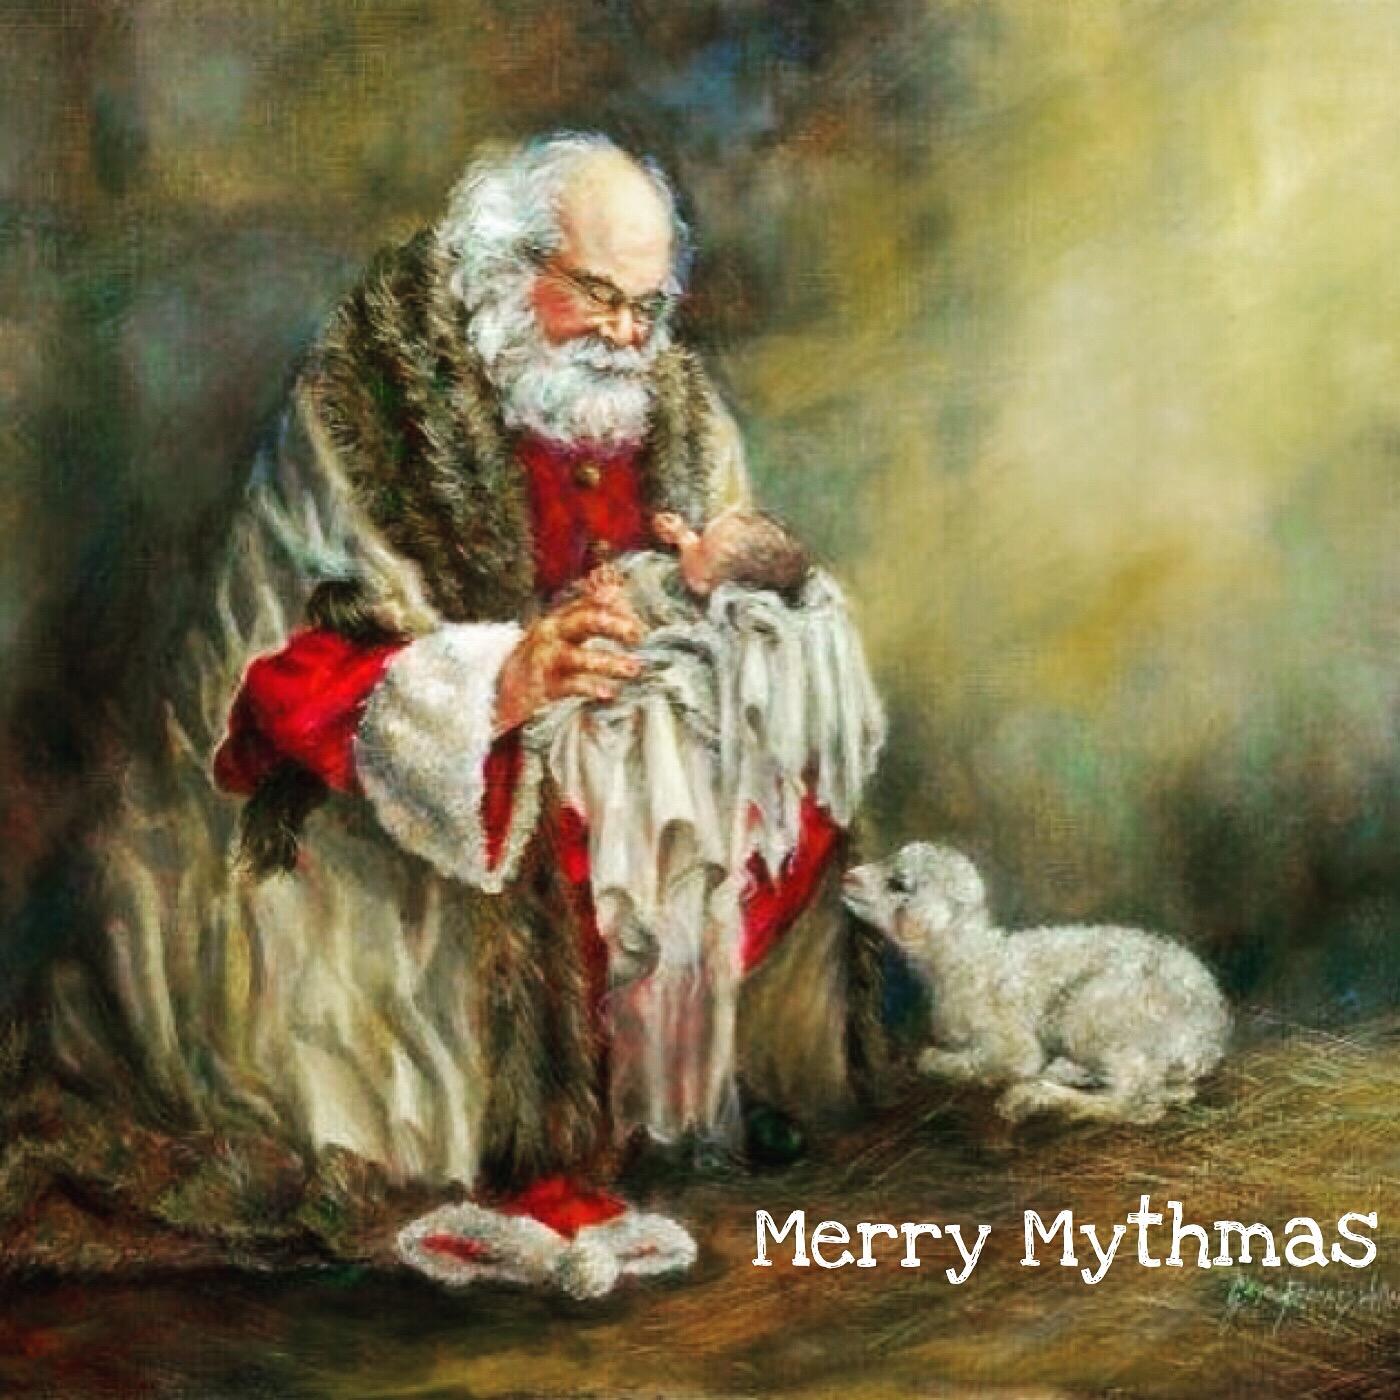 Merry Mythmas 2015